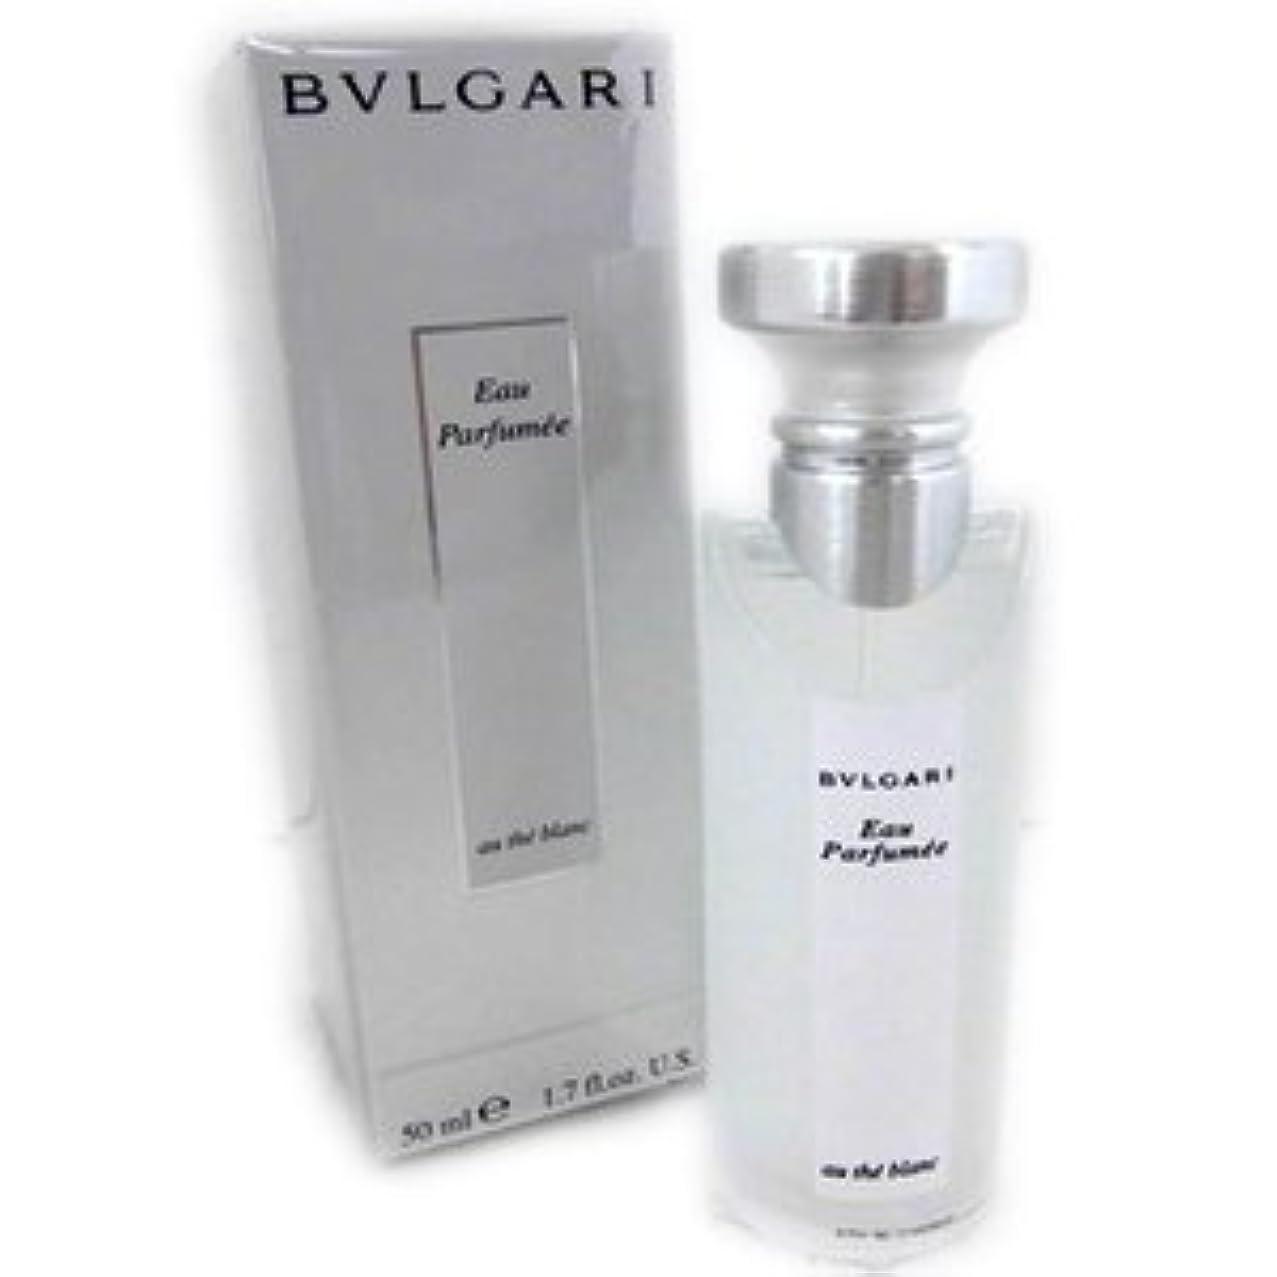 シソーラス困難くしゃくしゃブルガリ BVLGARI 香水 オパフメ オーテブラン オーデコロン スプレー EDC SP 50ml オーデブラン [レディース]